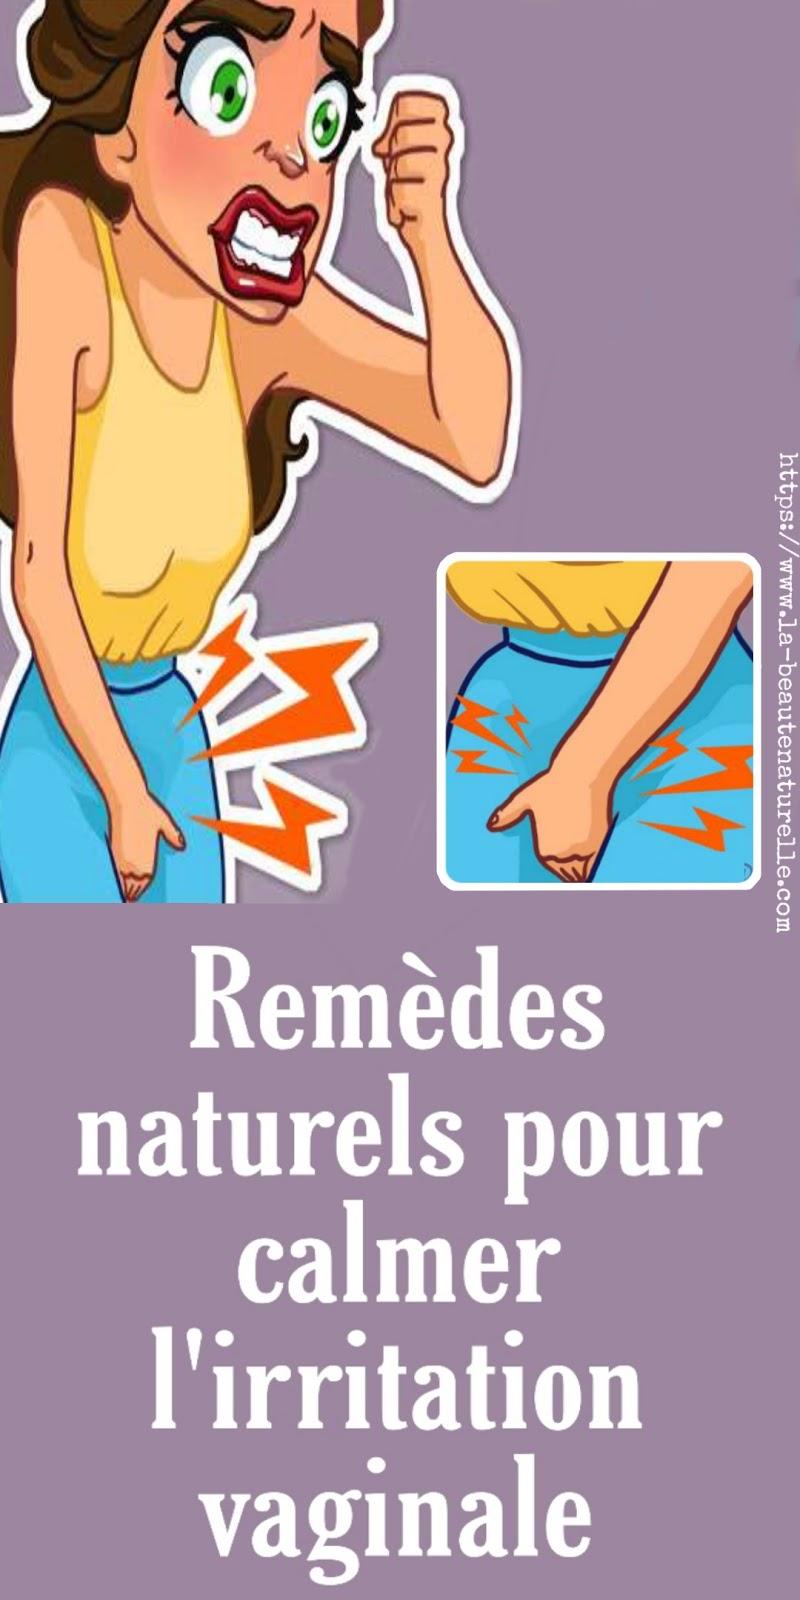 Remèdes naturels pour calmer l'irritation vaginale